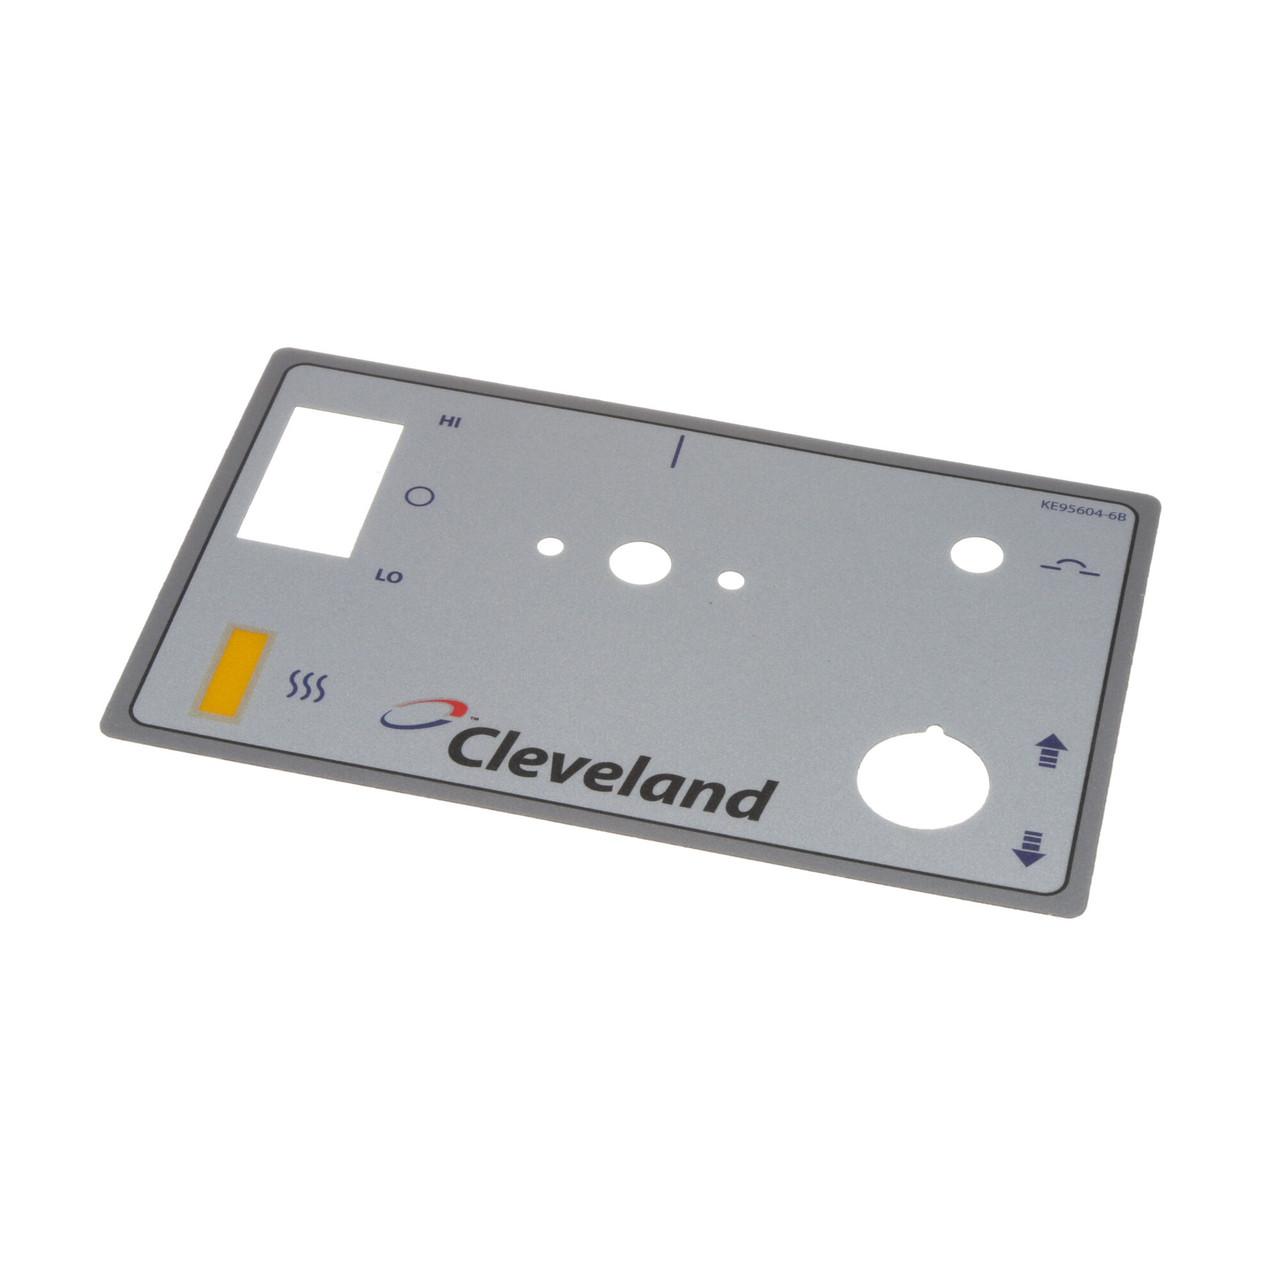 Cleveland Operating Label Overlay CLEKE95604-6